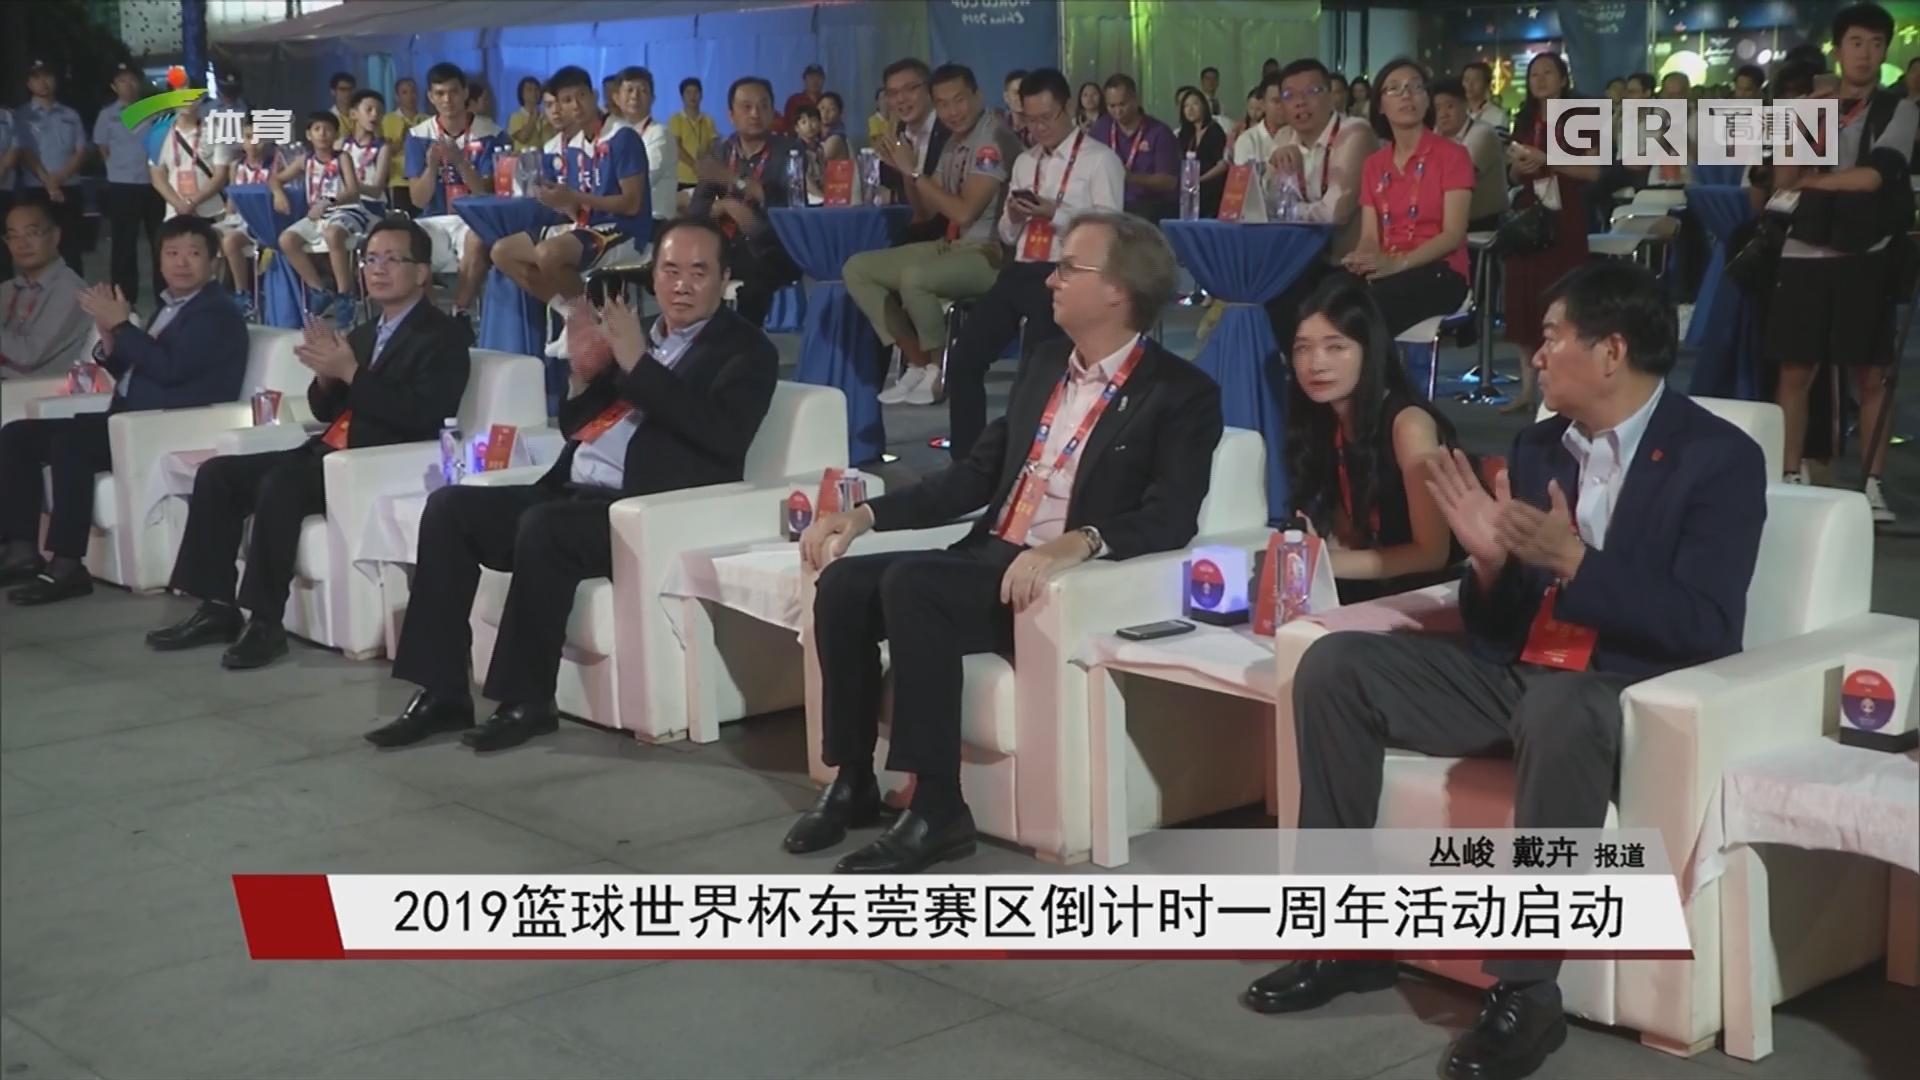 2019篮球世界杯东莞赛区倒计时一周年活动启动